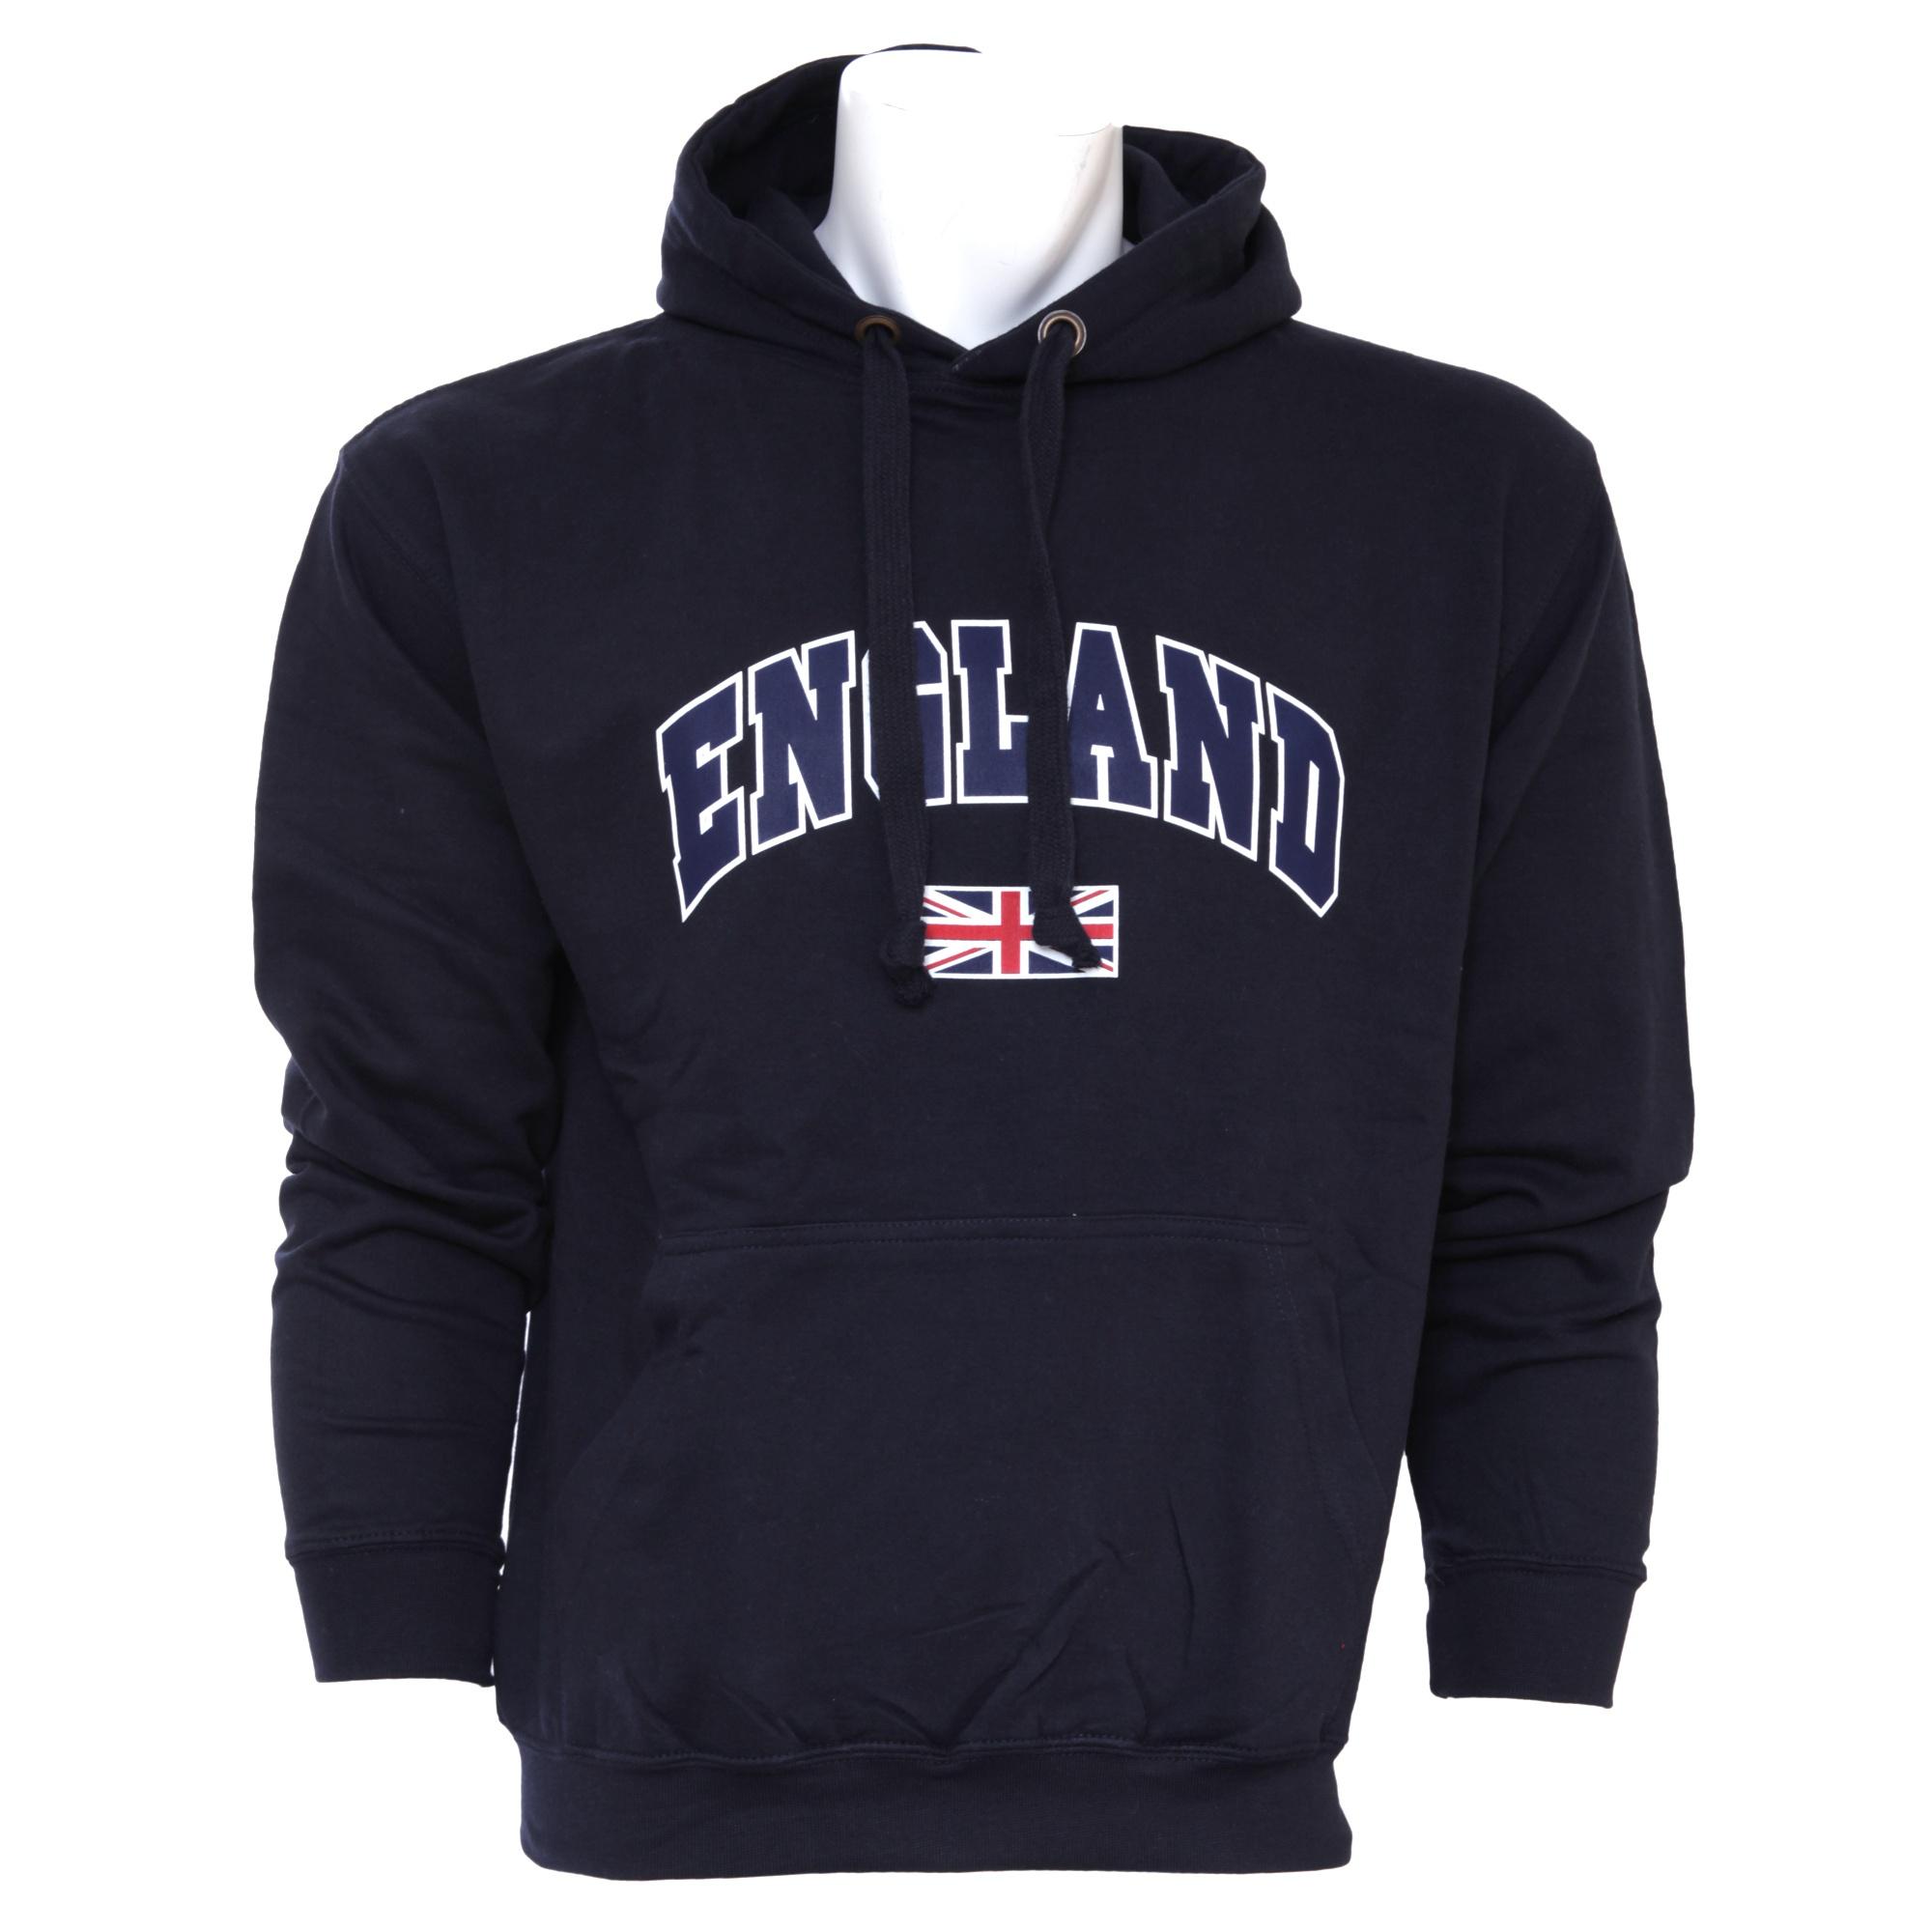 Union jack hoodie